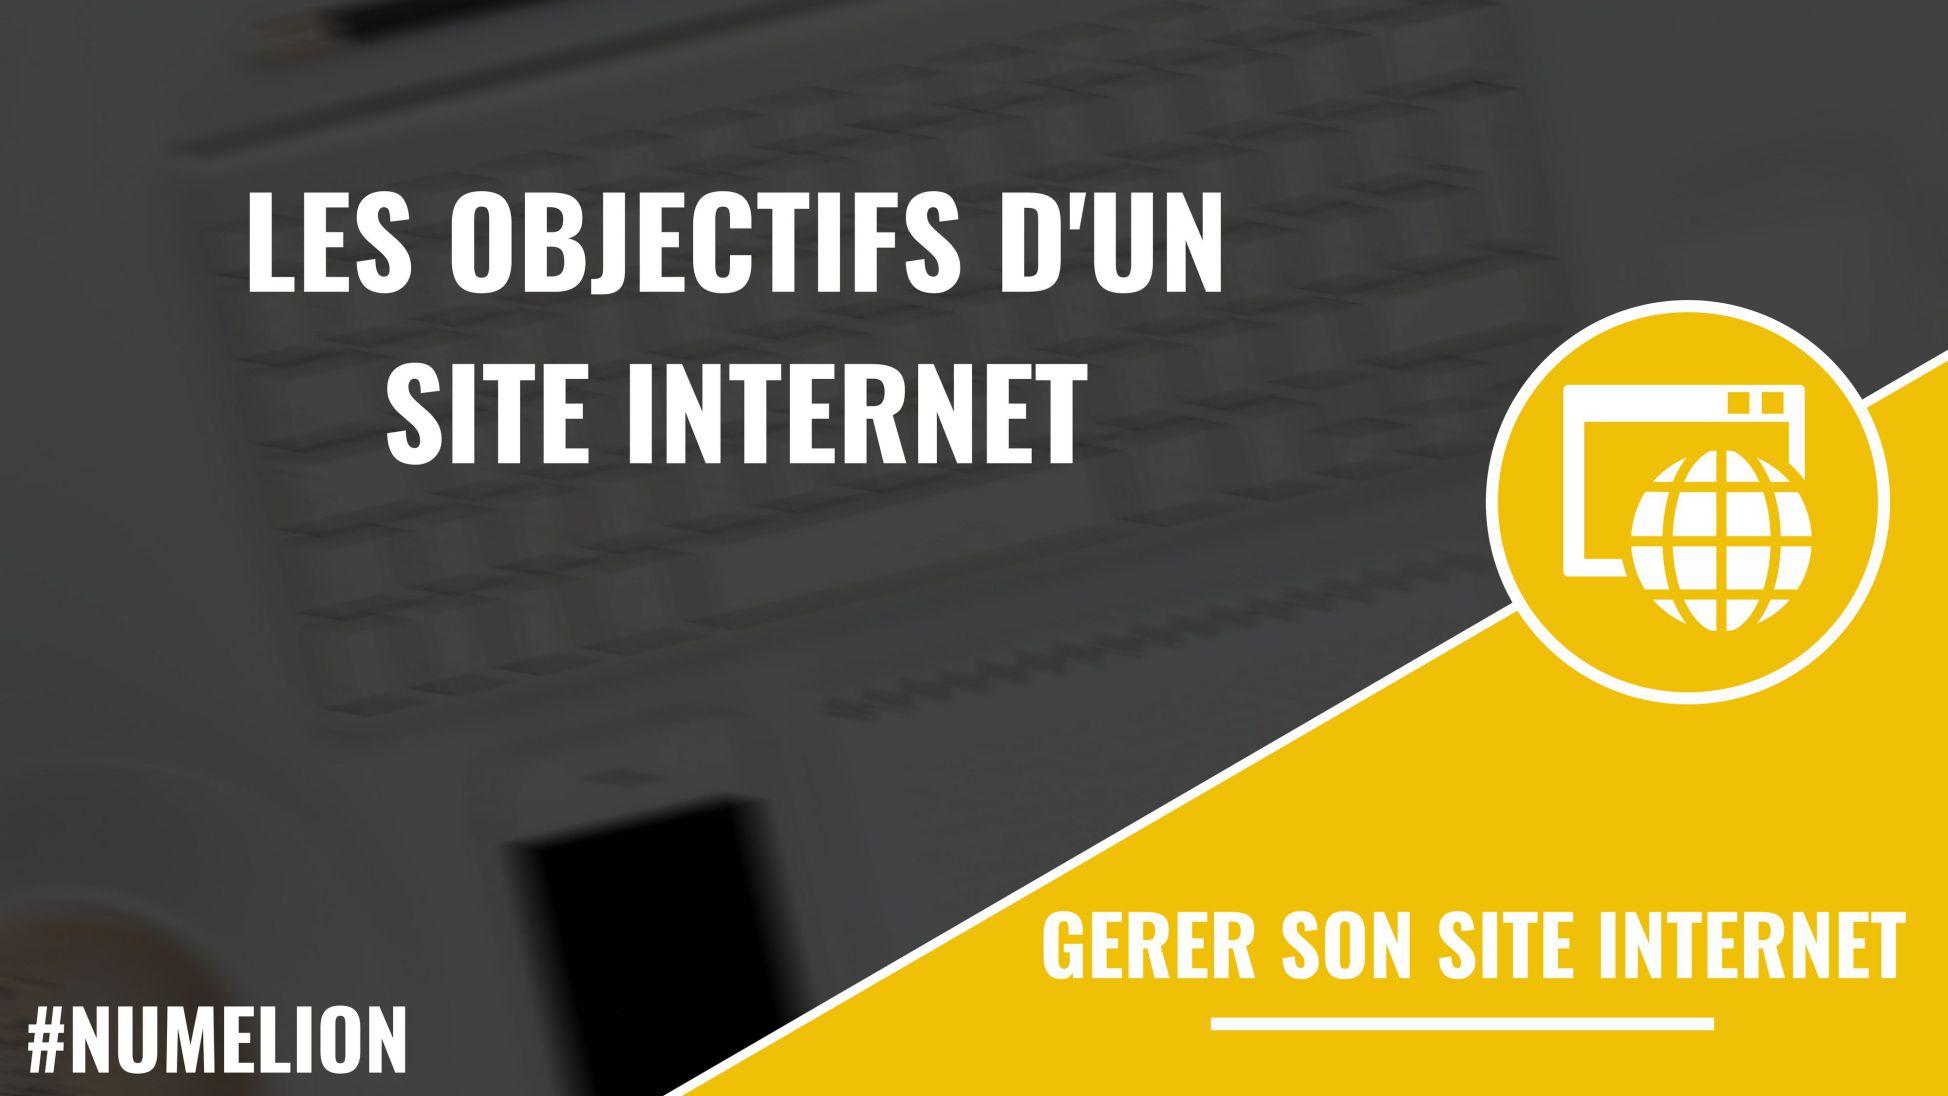 Objectifs d 39 un site internet pourquoi et comment les for Le site internet